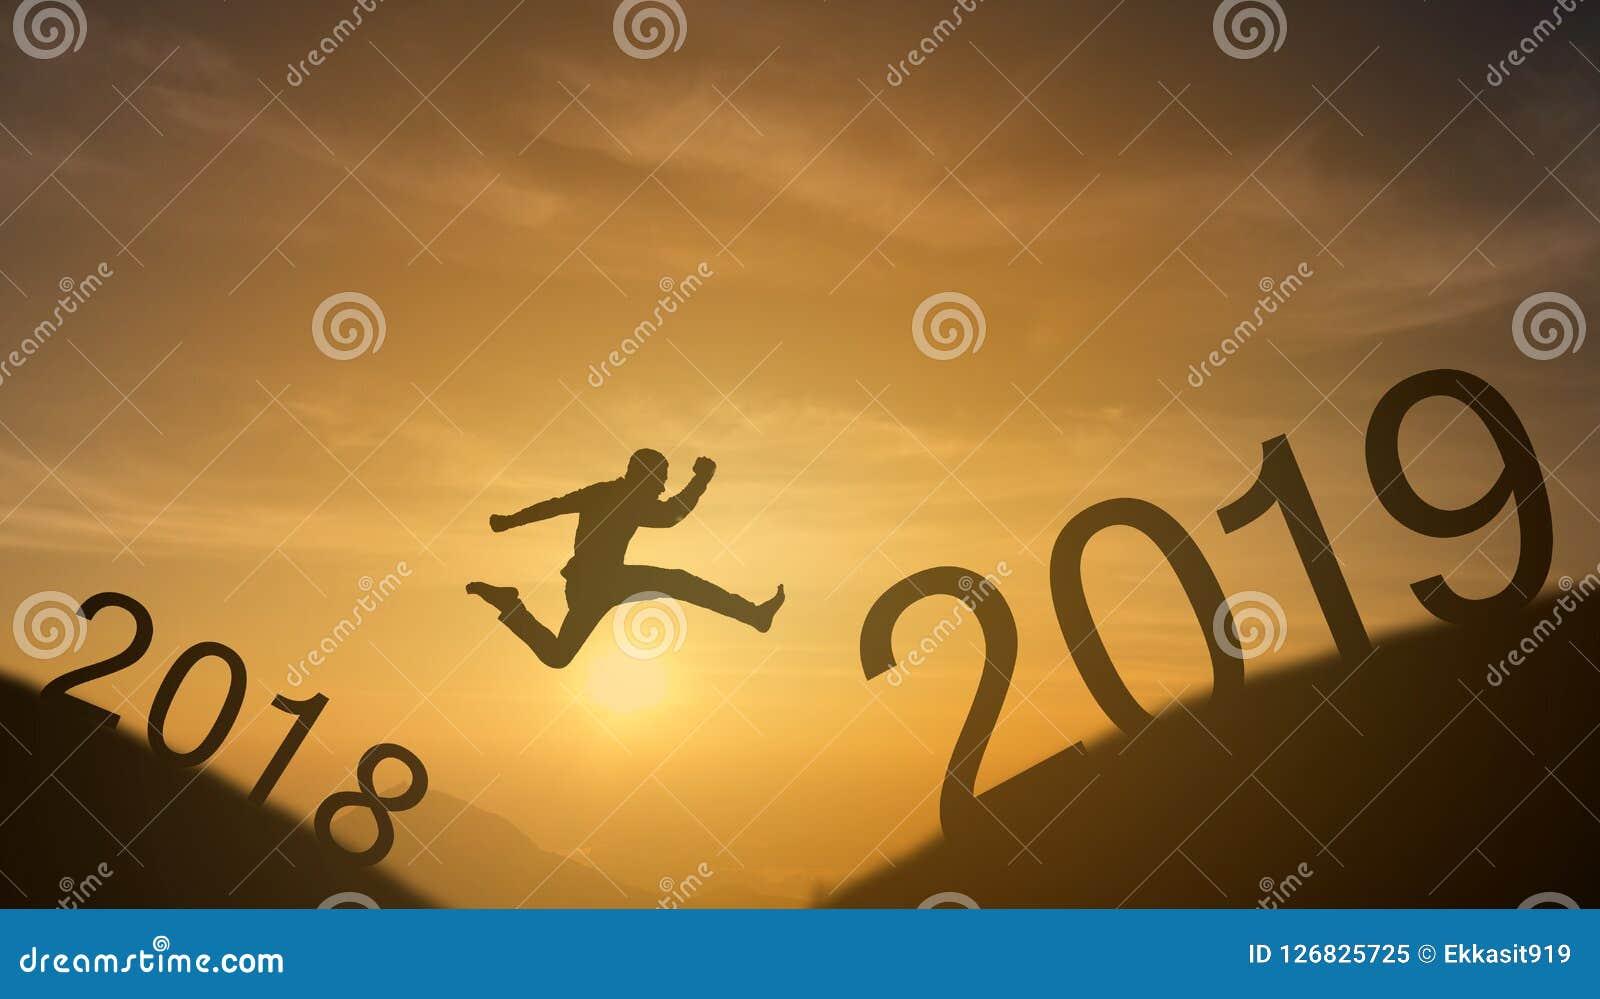 Η γενναία επιτυχής έννοια ατόμων, άτομο σκιαγραφιών που πηδά πέρα από τον ήλιο μεταξύ του χάσματος του νέου έτους βουνών από το 2